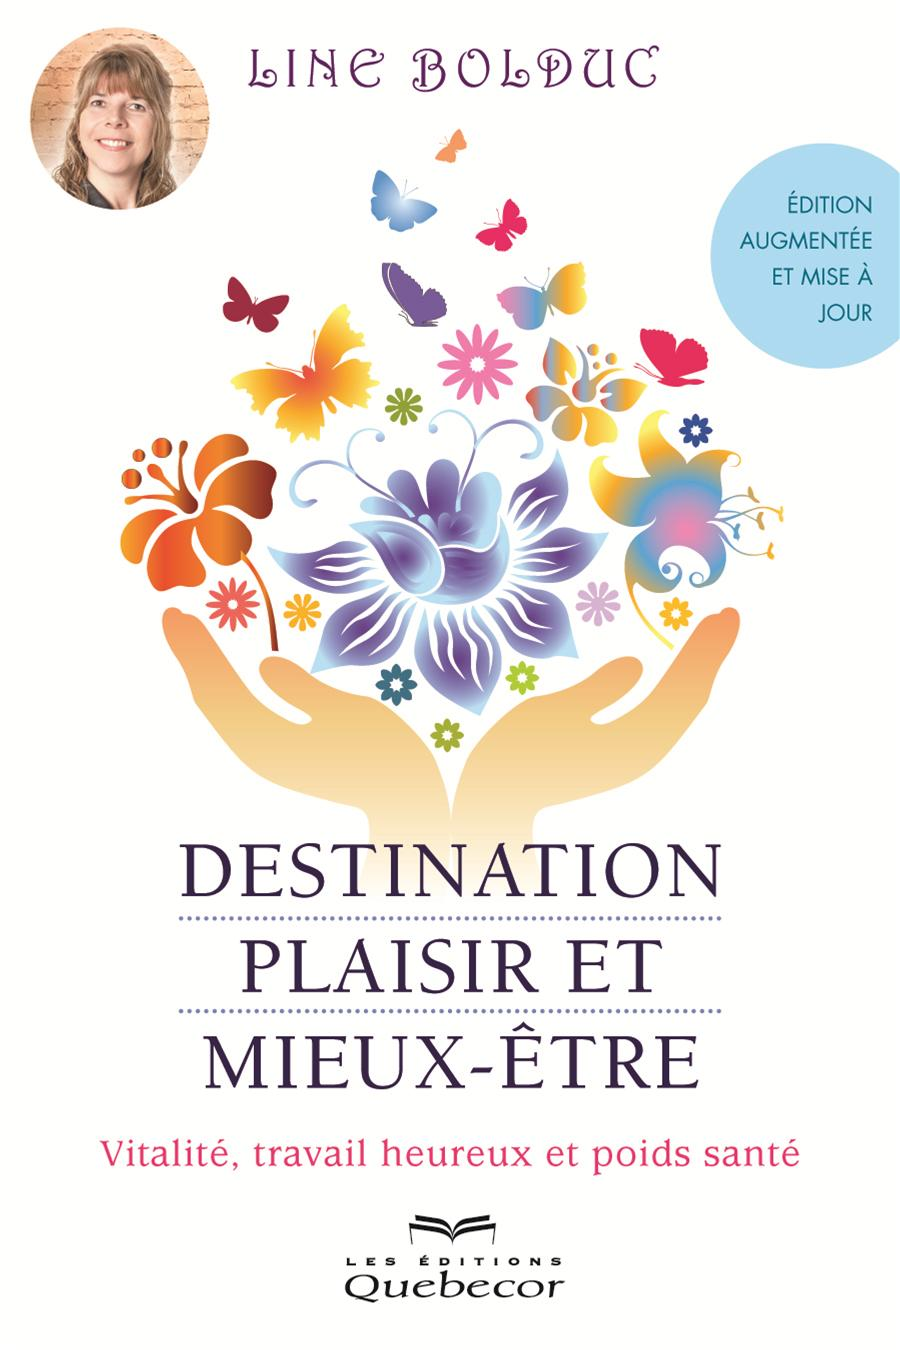 Destination, plaisir et mieux-être